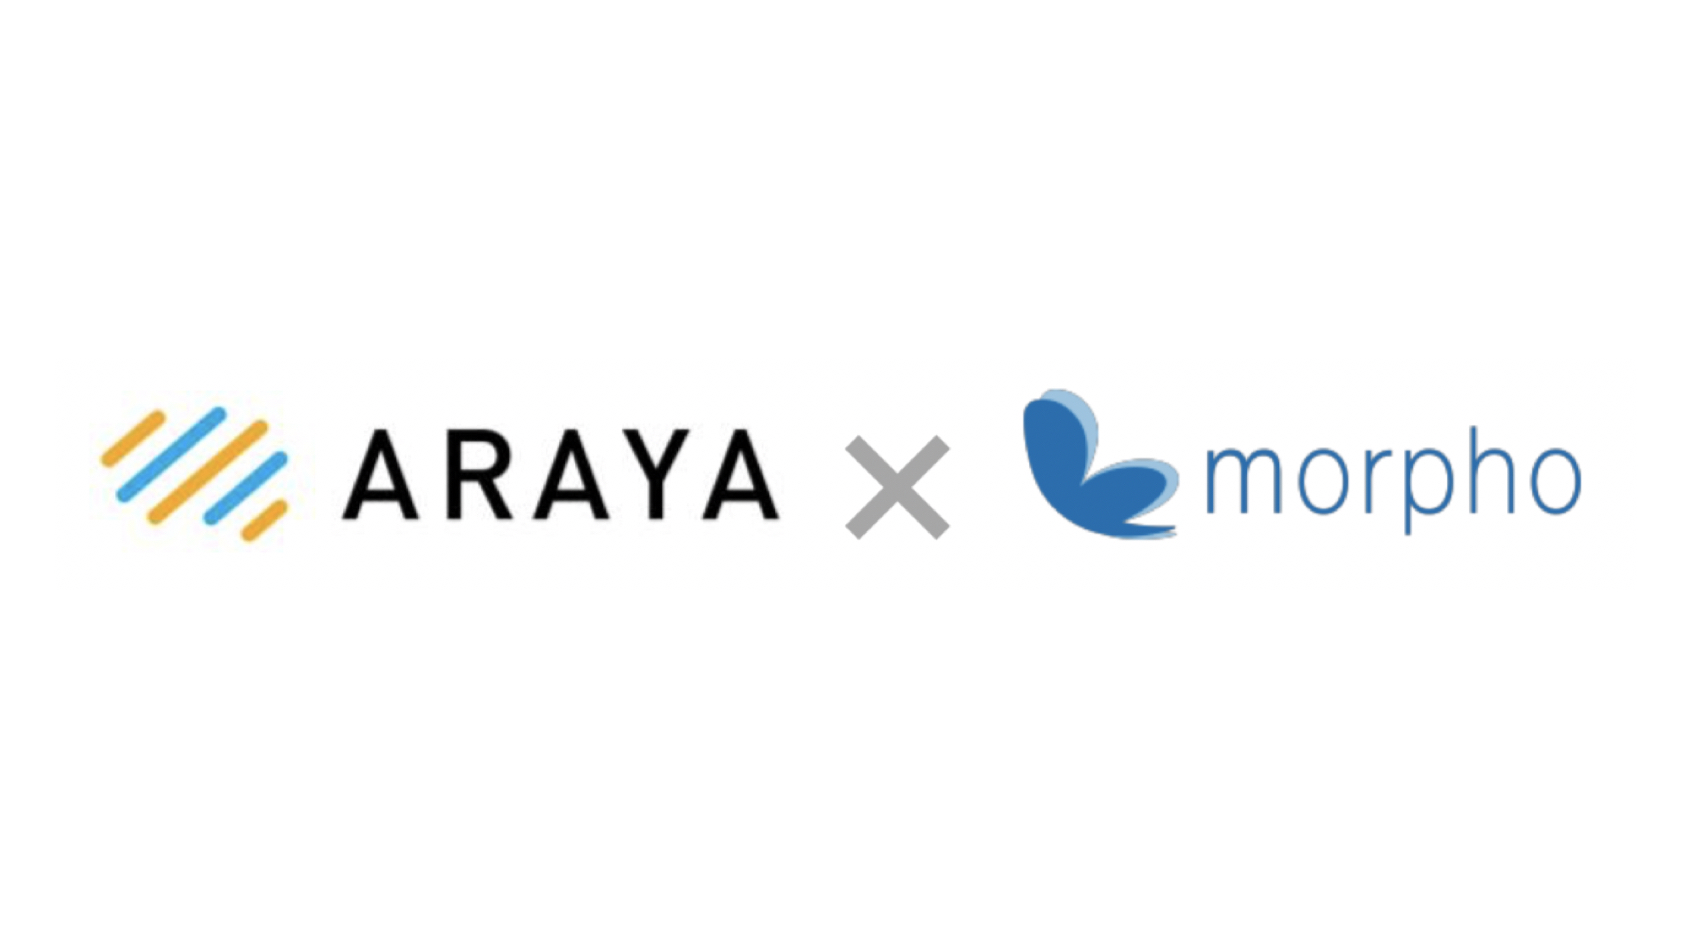 アラヤ×モルフォ | エッジAIを加速させるAIモデル自動圧縮ソフト「Pressai」を共同開発